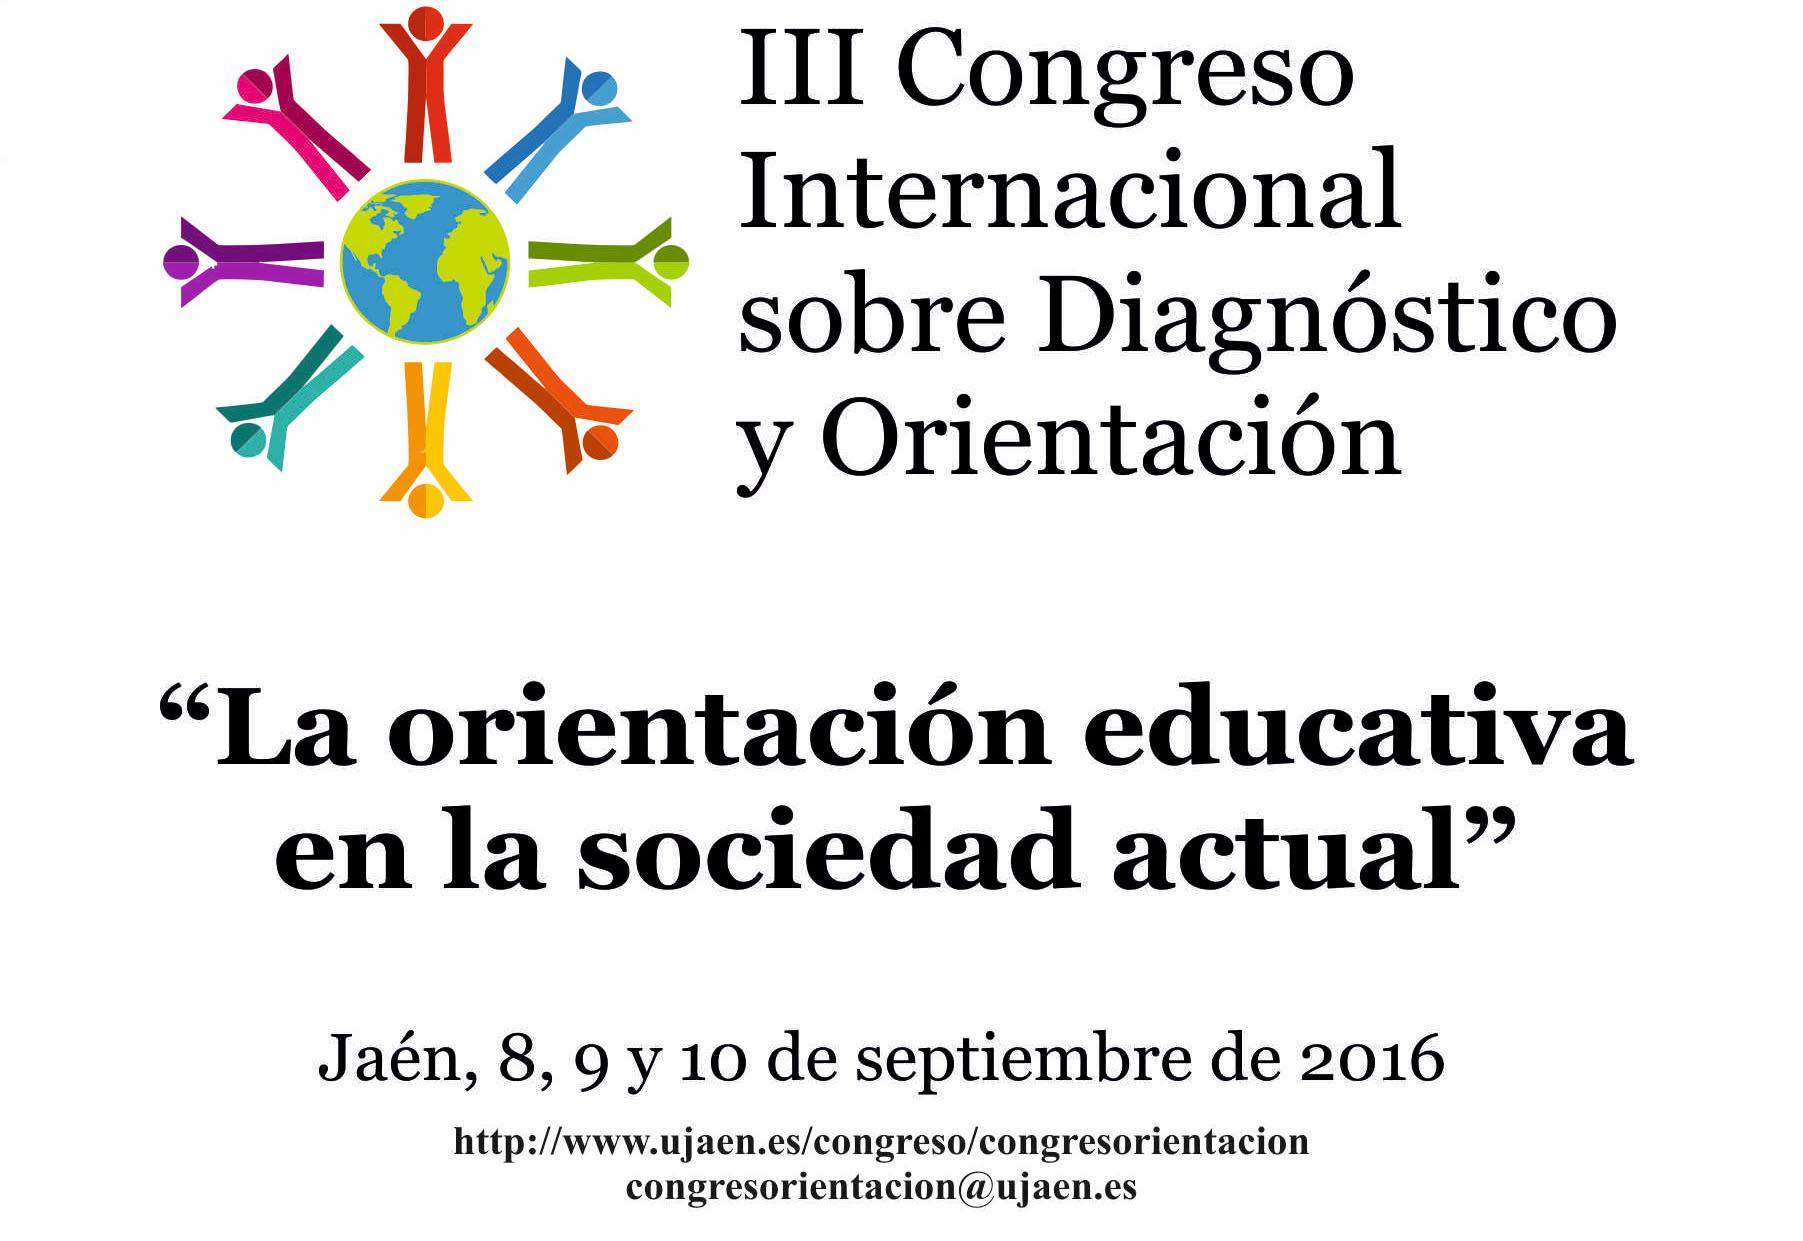 FUNIBER patrocina el III Congreso Internacional sobre Diagnóstico y Orientación en España